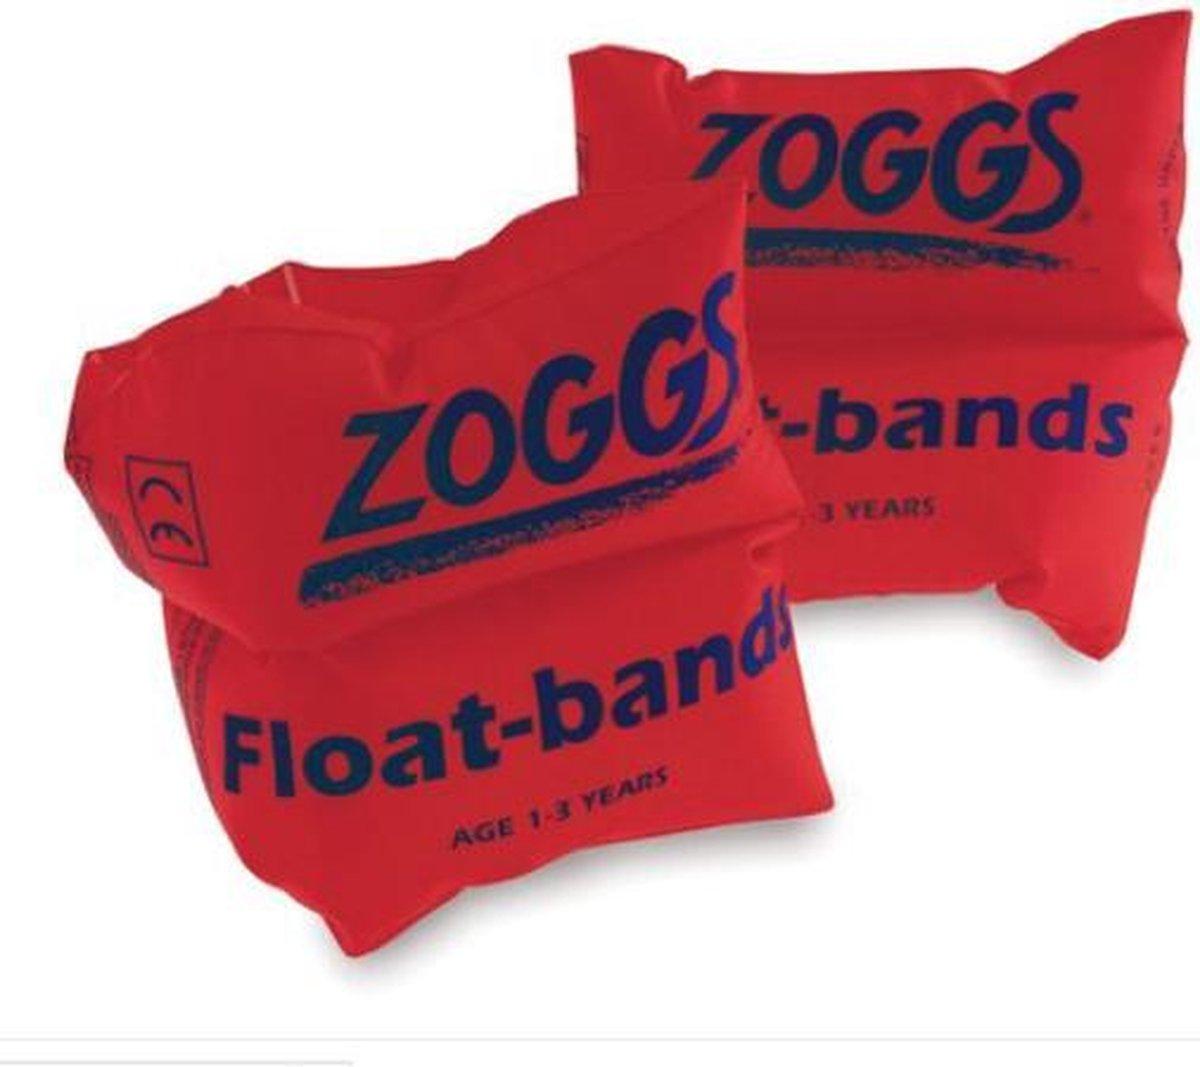 Zoggs - Zwembandjes Float-bands - Oranje - Maximum 12,5 kg - Maat 0/1 jaar